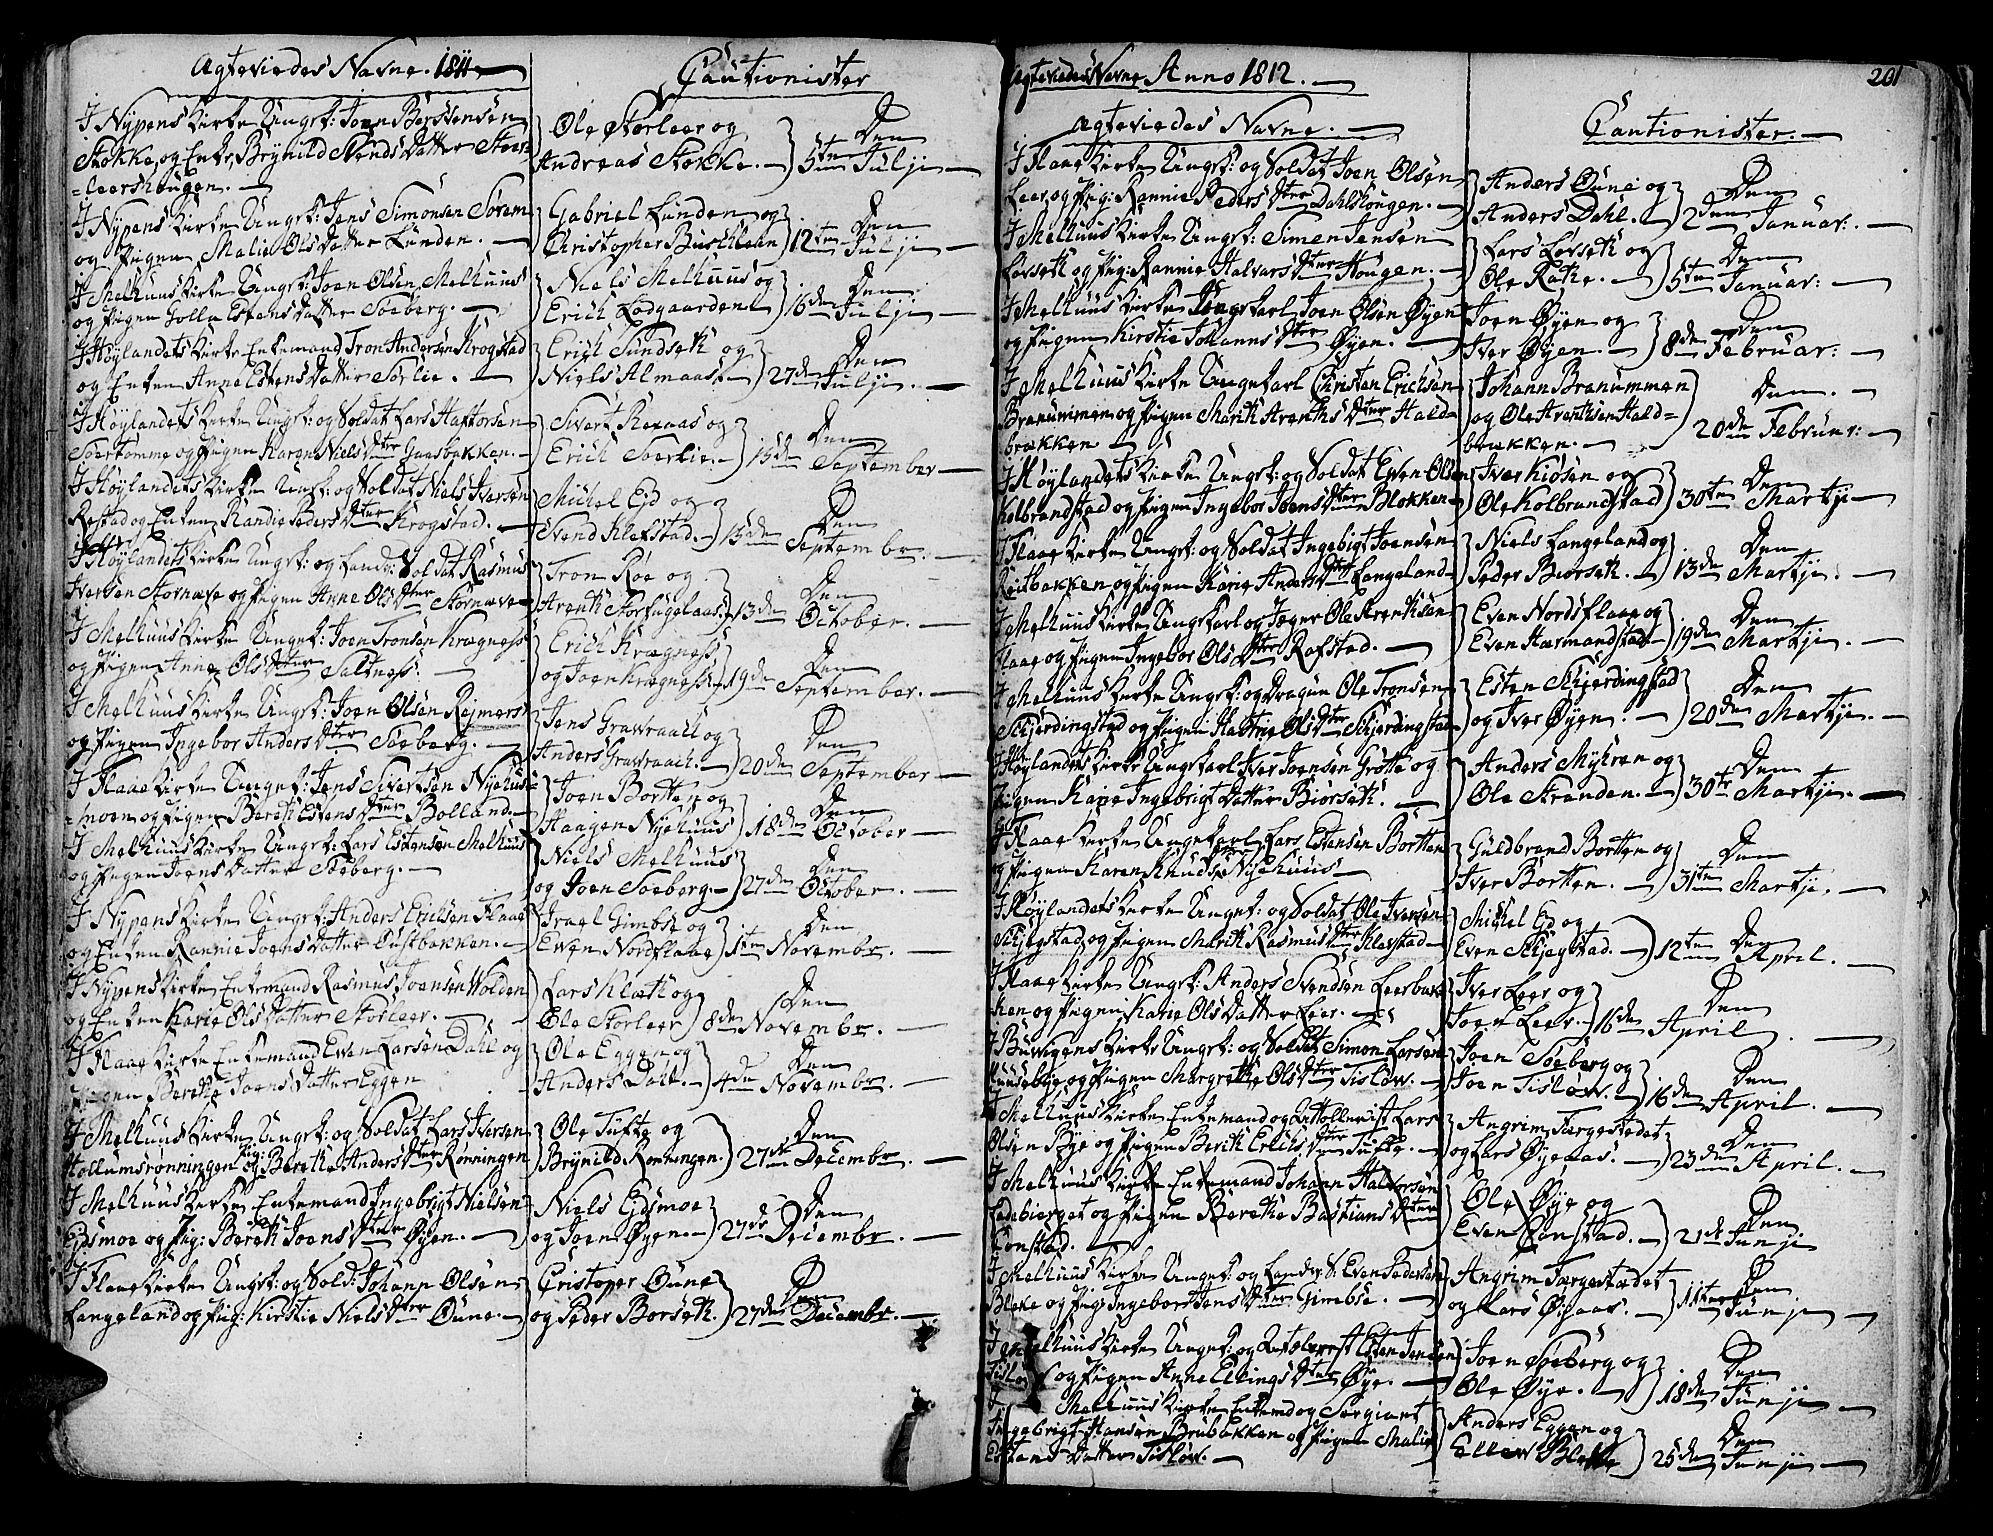 SAT, Ministerialprotokoller, klokkerbøker og fødselsregistre - Sør-Trøndelag, 691/L1061: Ministerialbok nr. 691A02 /1, 1768-1815, s. 201